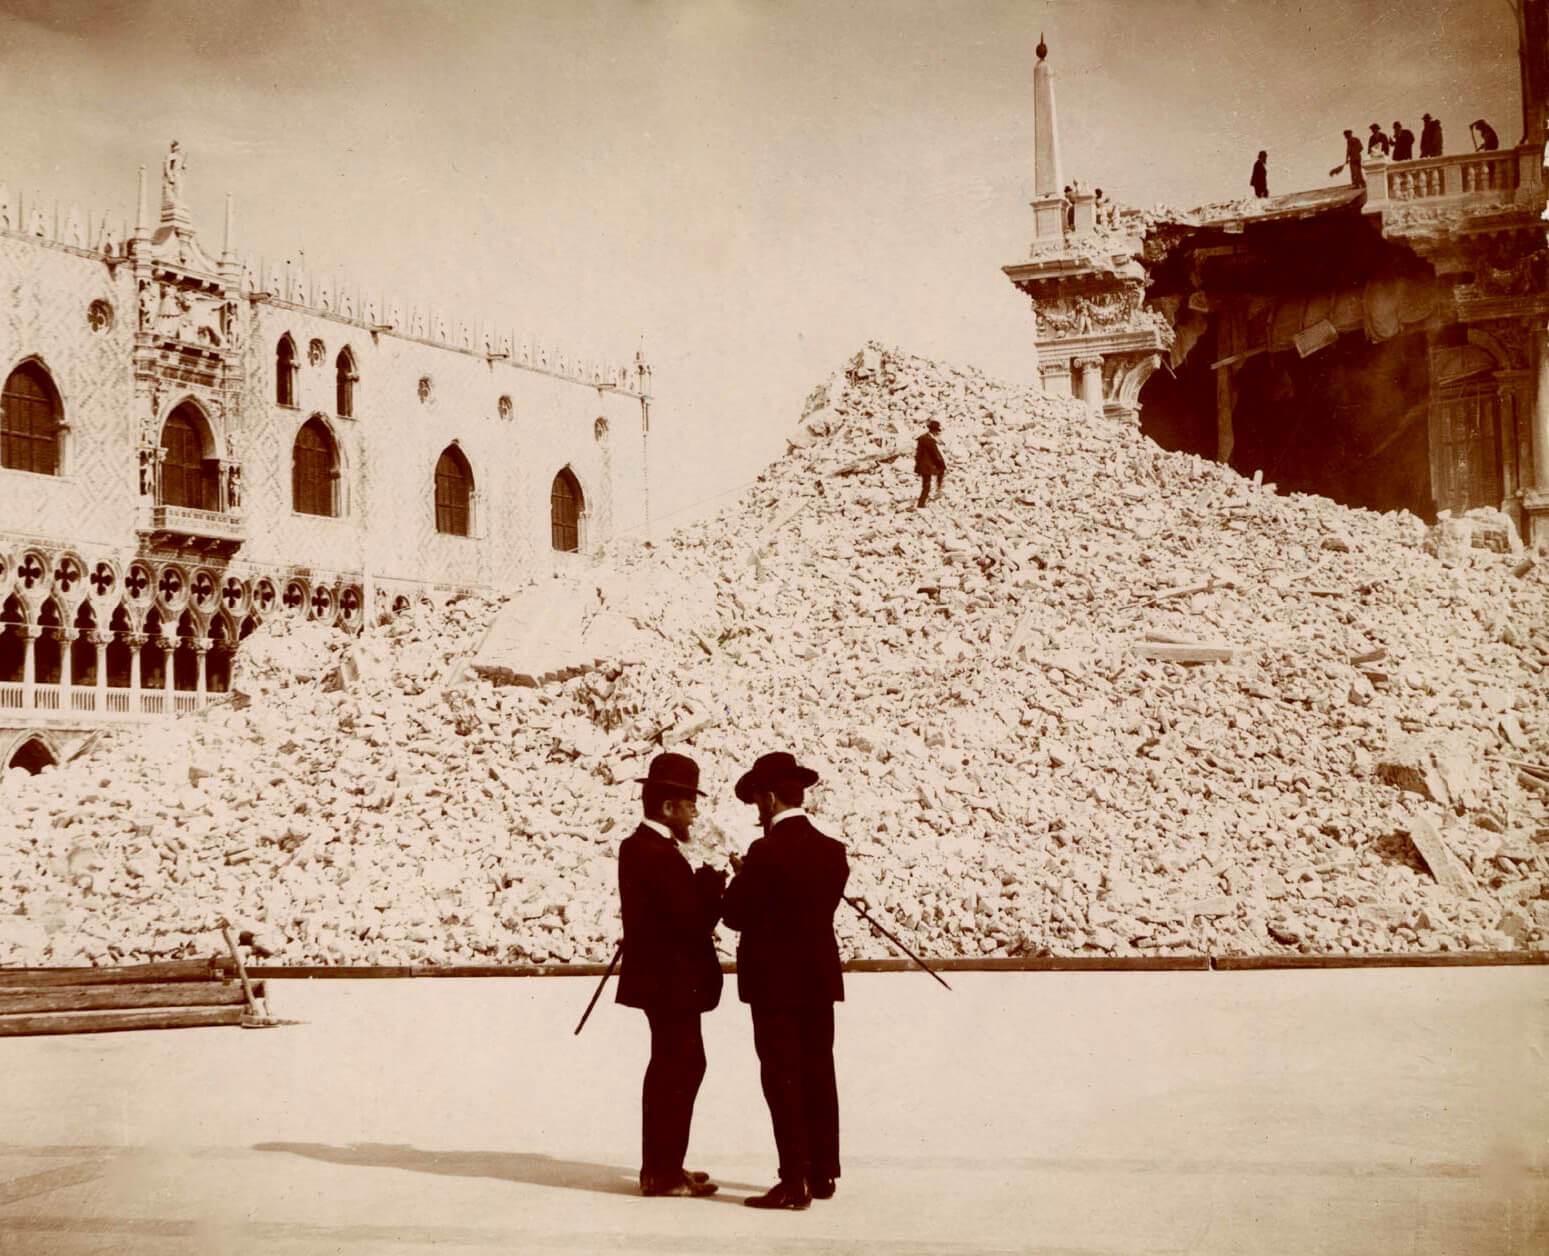 Campanile Einsturz 14 Juli 1902 - Fotograf unbekannt